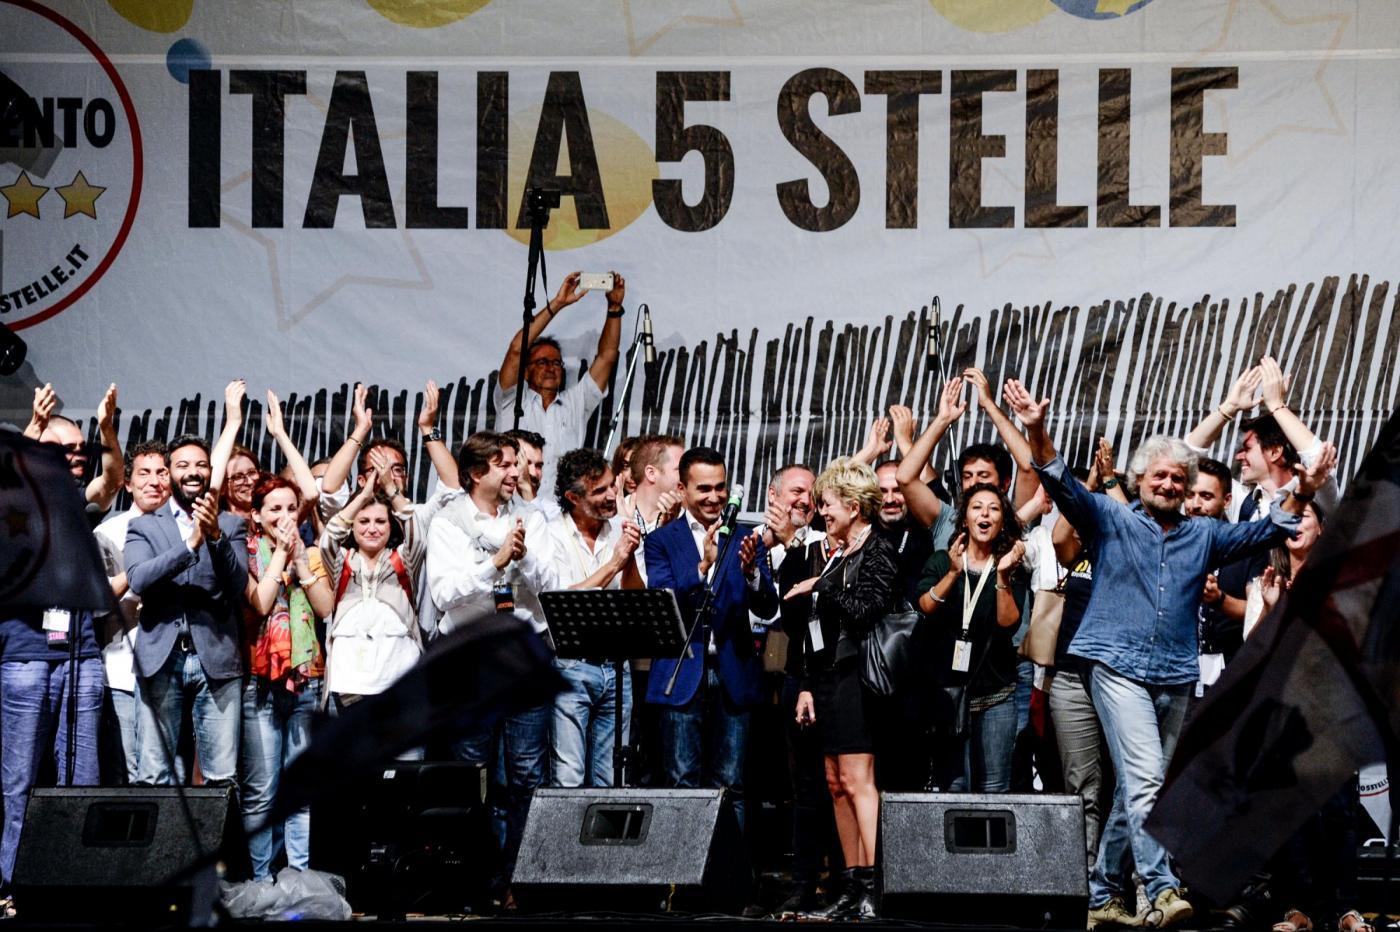 Firme false M5S a Palermo, chiesto il rinvio a giudizio per i deputati Nuti, Mannino e Di Vita